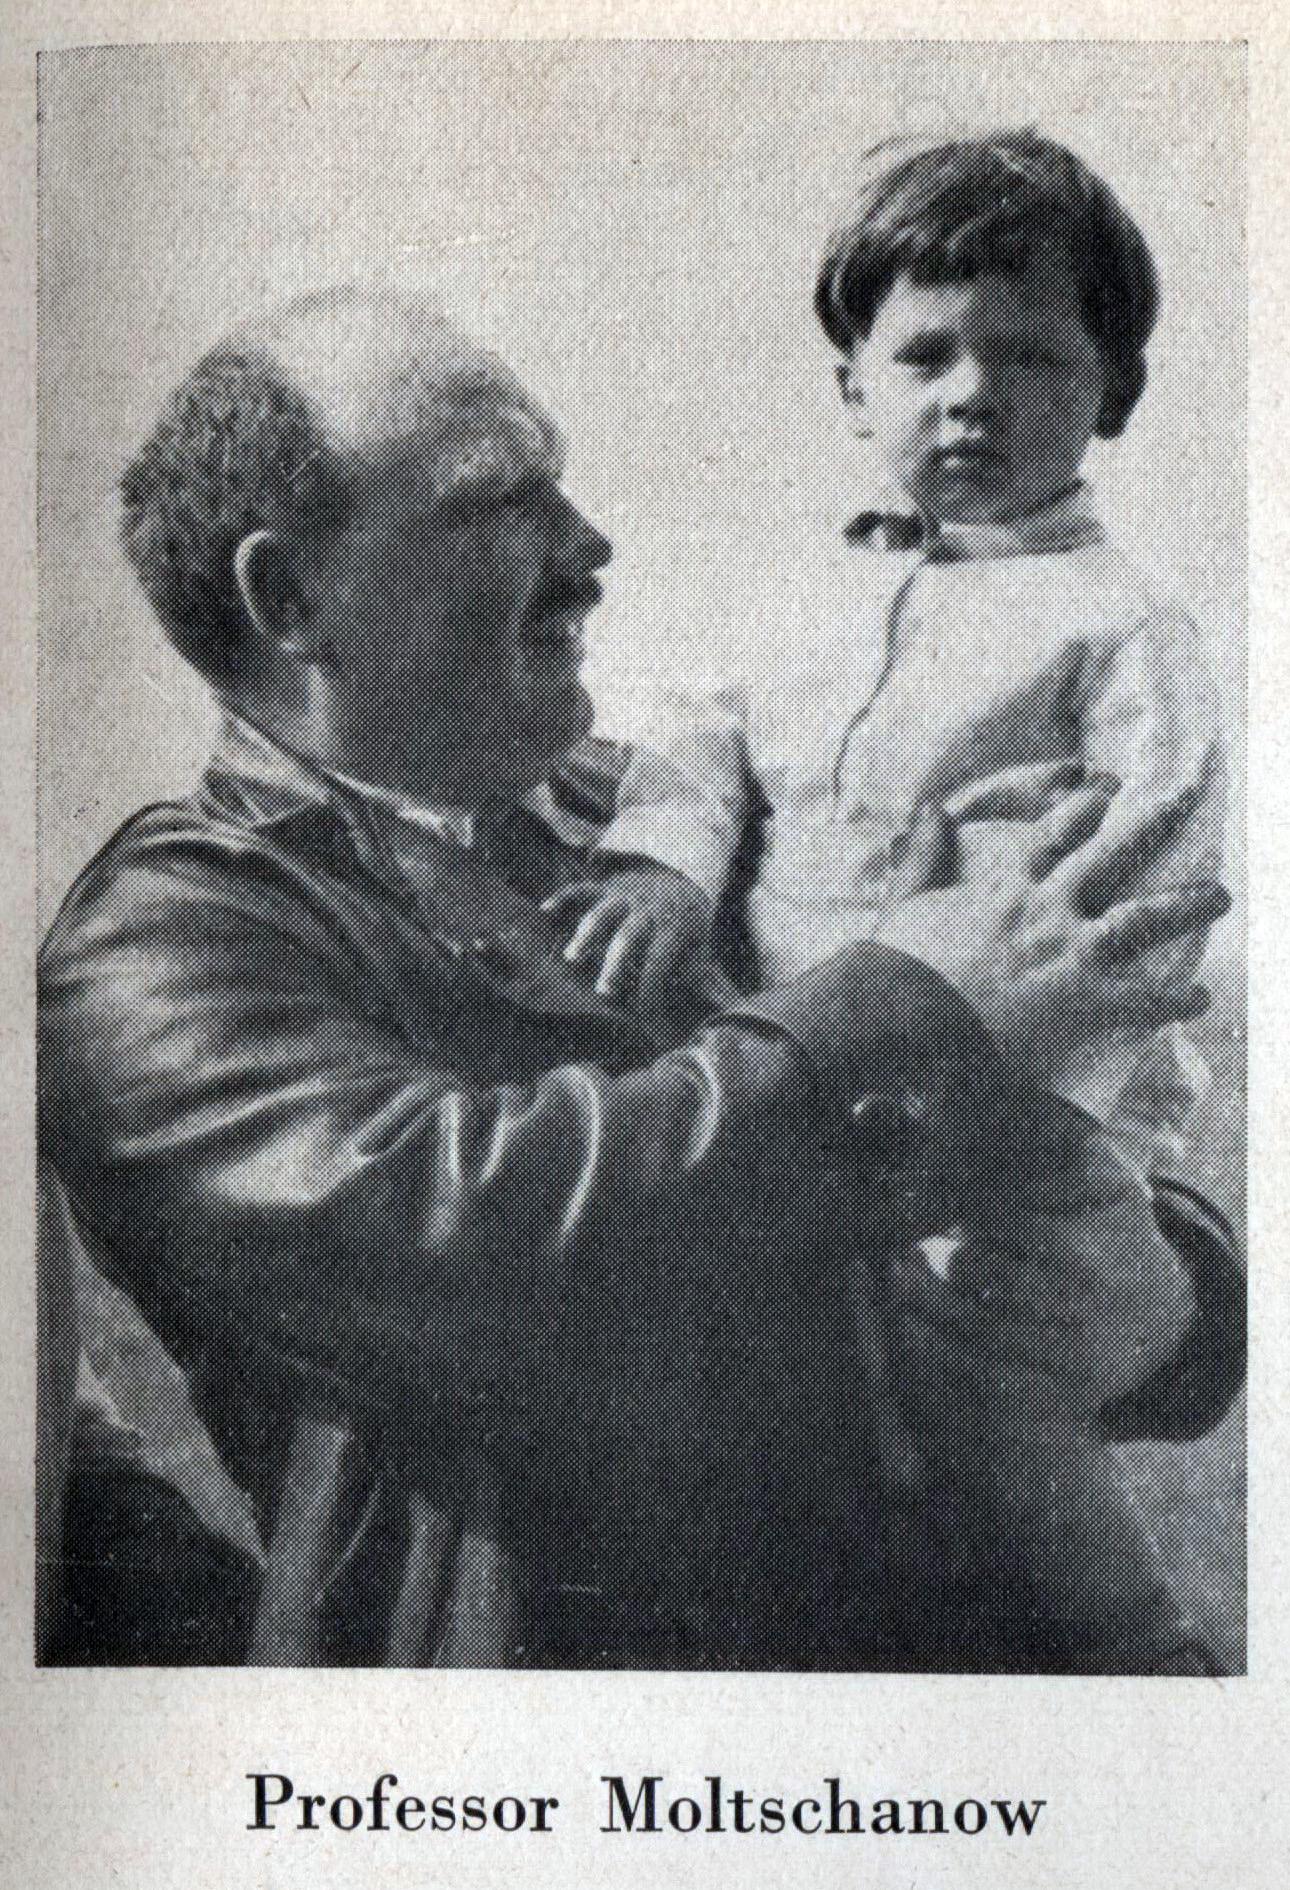 Профессор Молчанов предположительно с сыном. Фото до 1933 года.